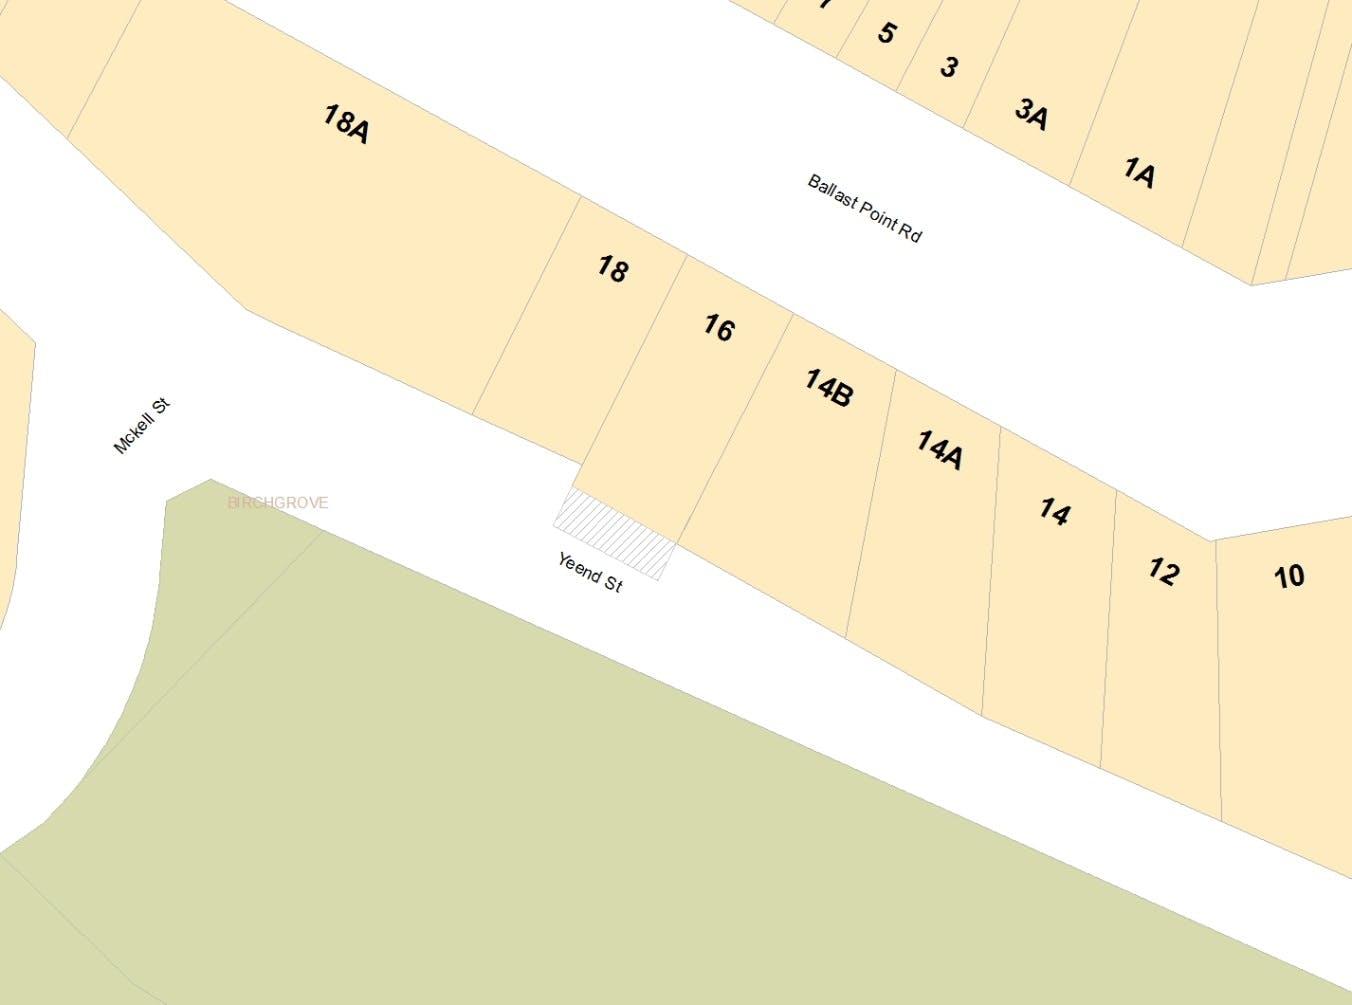 Yeend Street - Partial Road Closure - Map